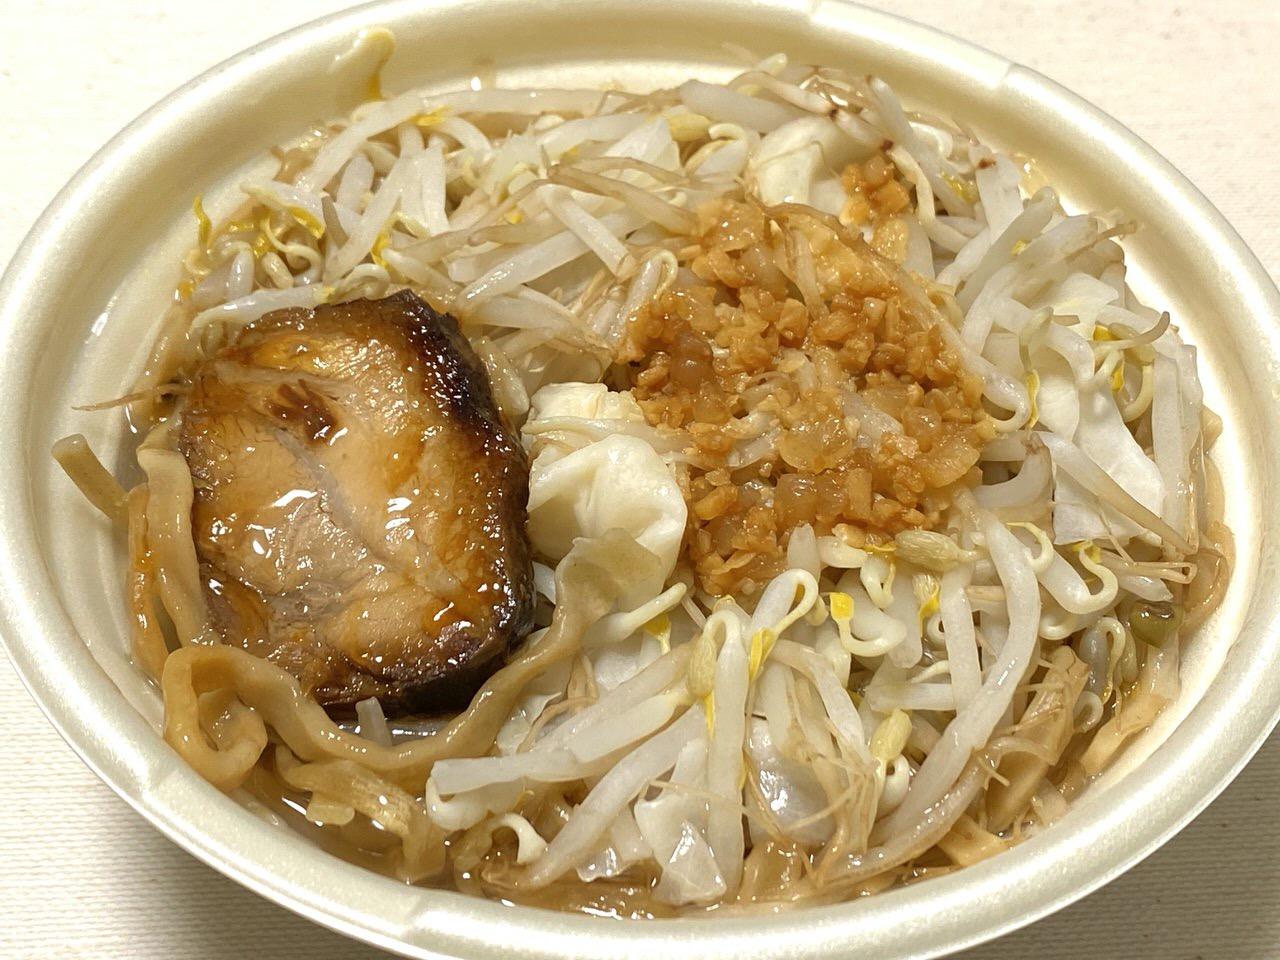 【セブンイレブン】二郎系ラーメン「中華蕎麦 とみ田監修 豚ラーメン」5